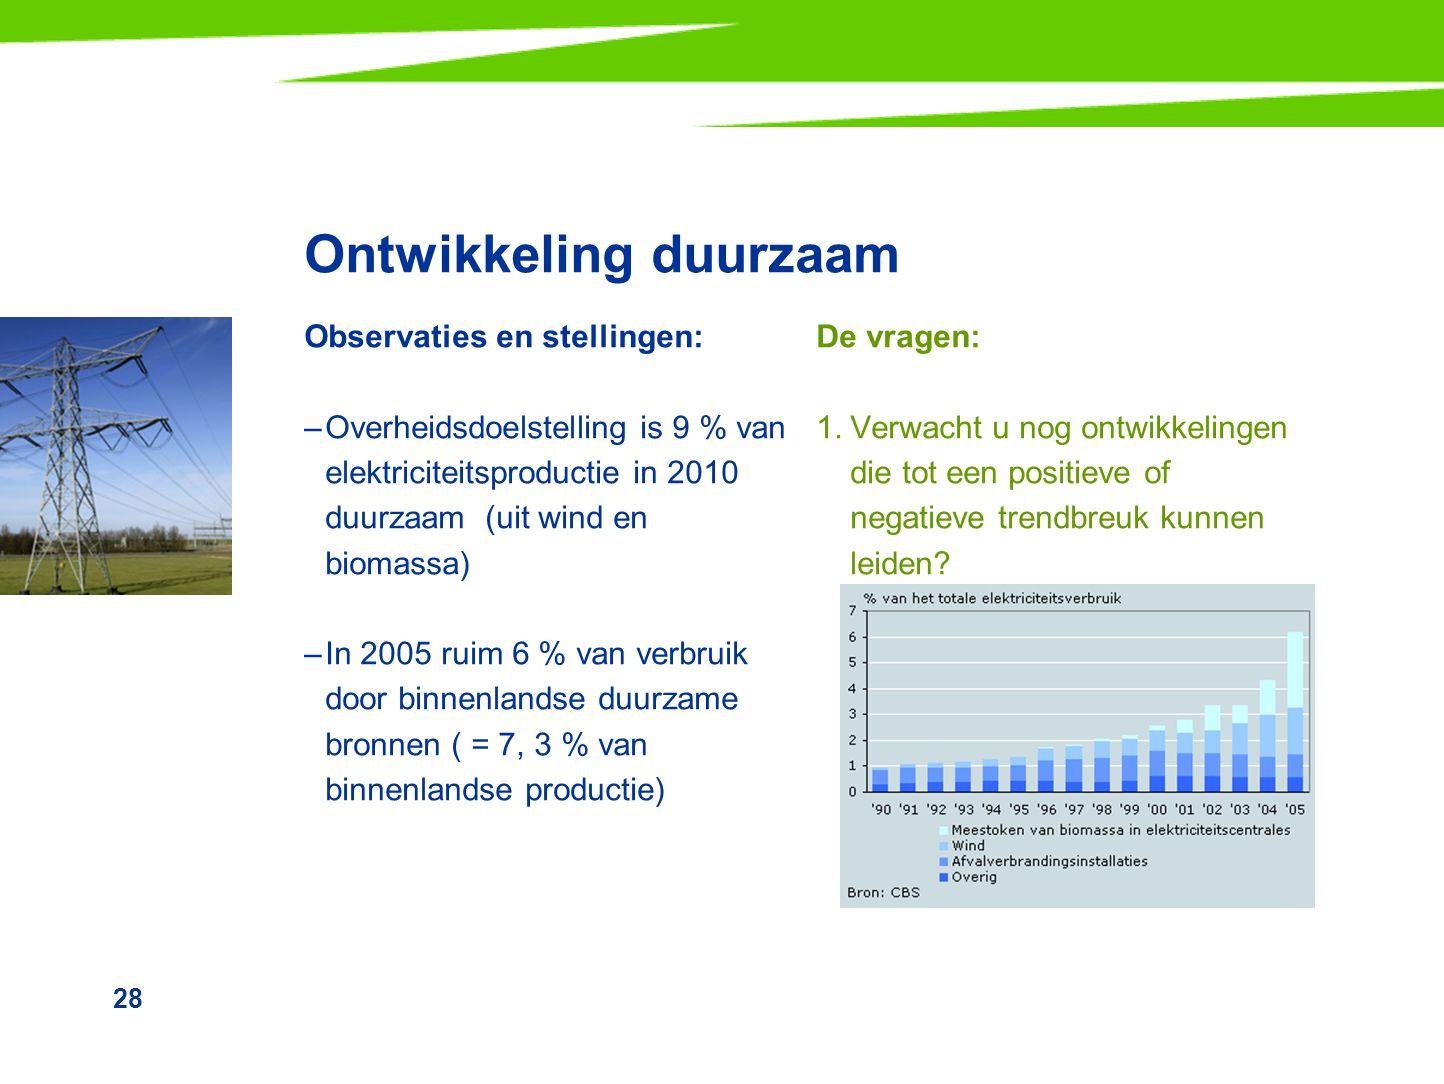 28 Ontwikkeling duurzaam Observaties en stellingen: –Overheidsdoelstelling is 9 % van elektriciteitsproductie in 2010 duurzaam (uit wind en biomassa)